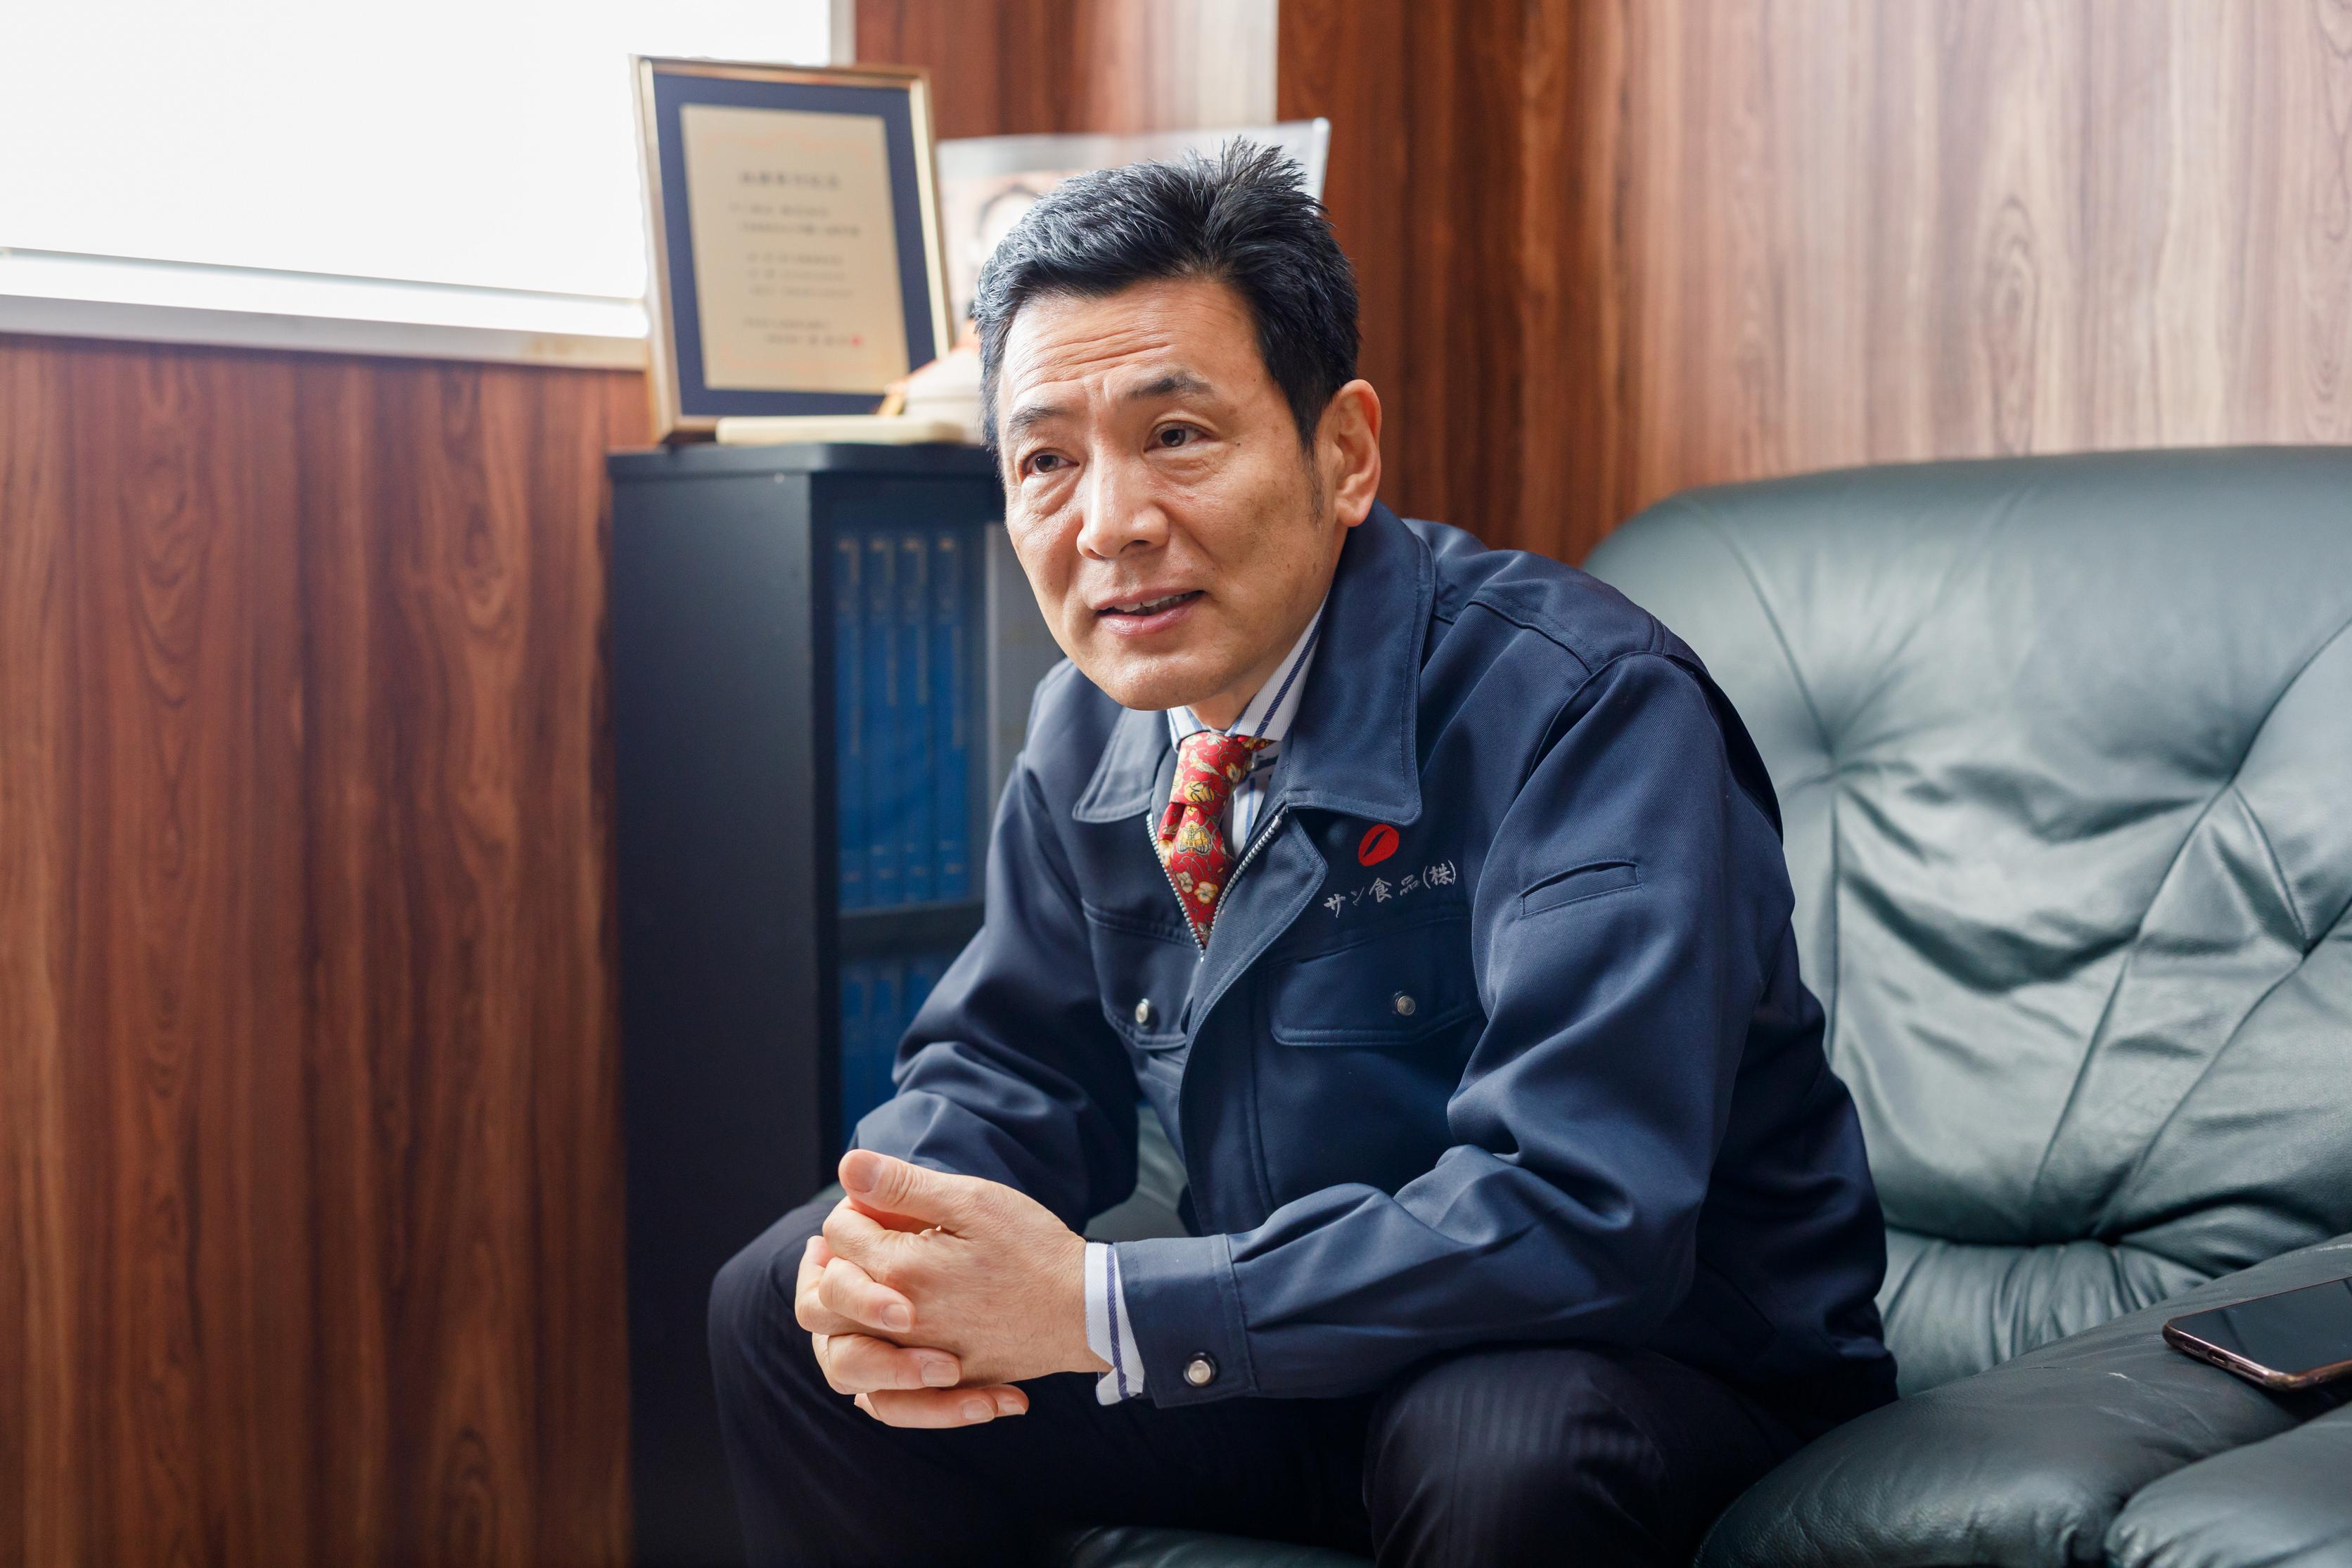 サン食品株式会社 加藤三基男さんさん